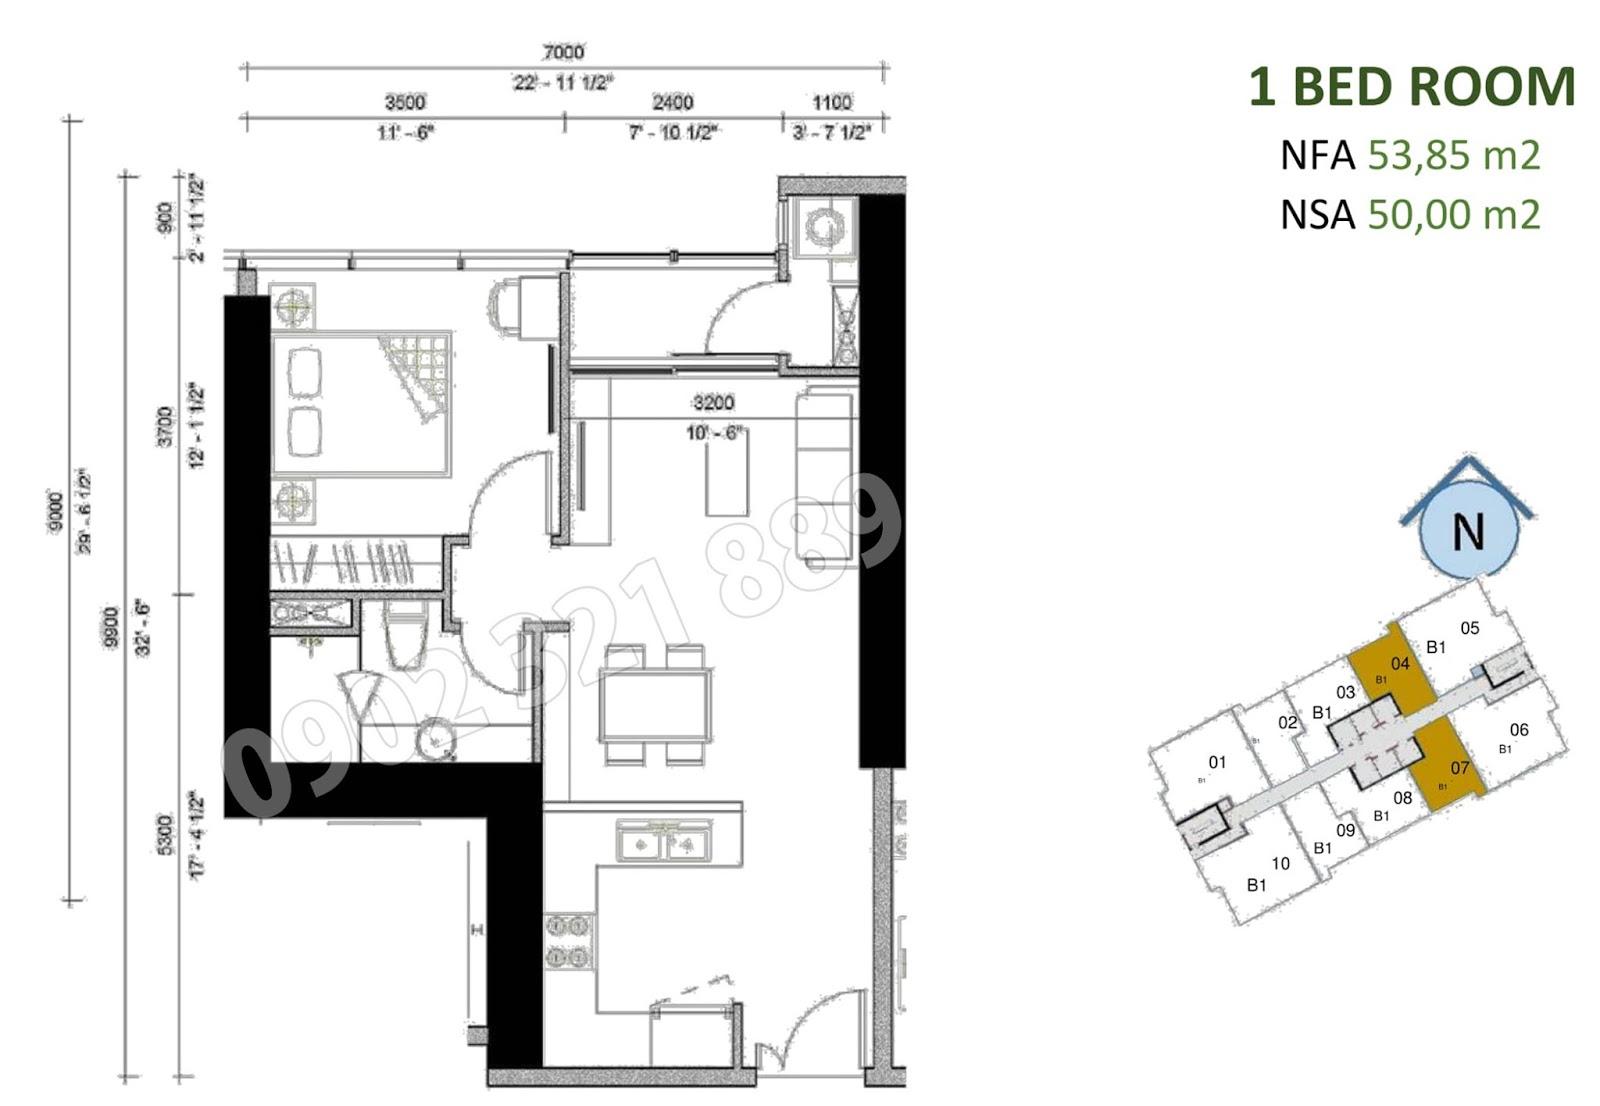 mặt bằng căn hộ sunwah pearl 1 phòng ngủ B1-04 và B1-07